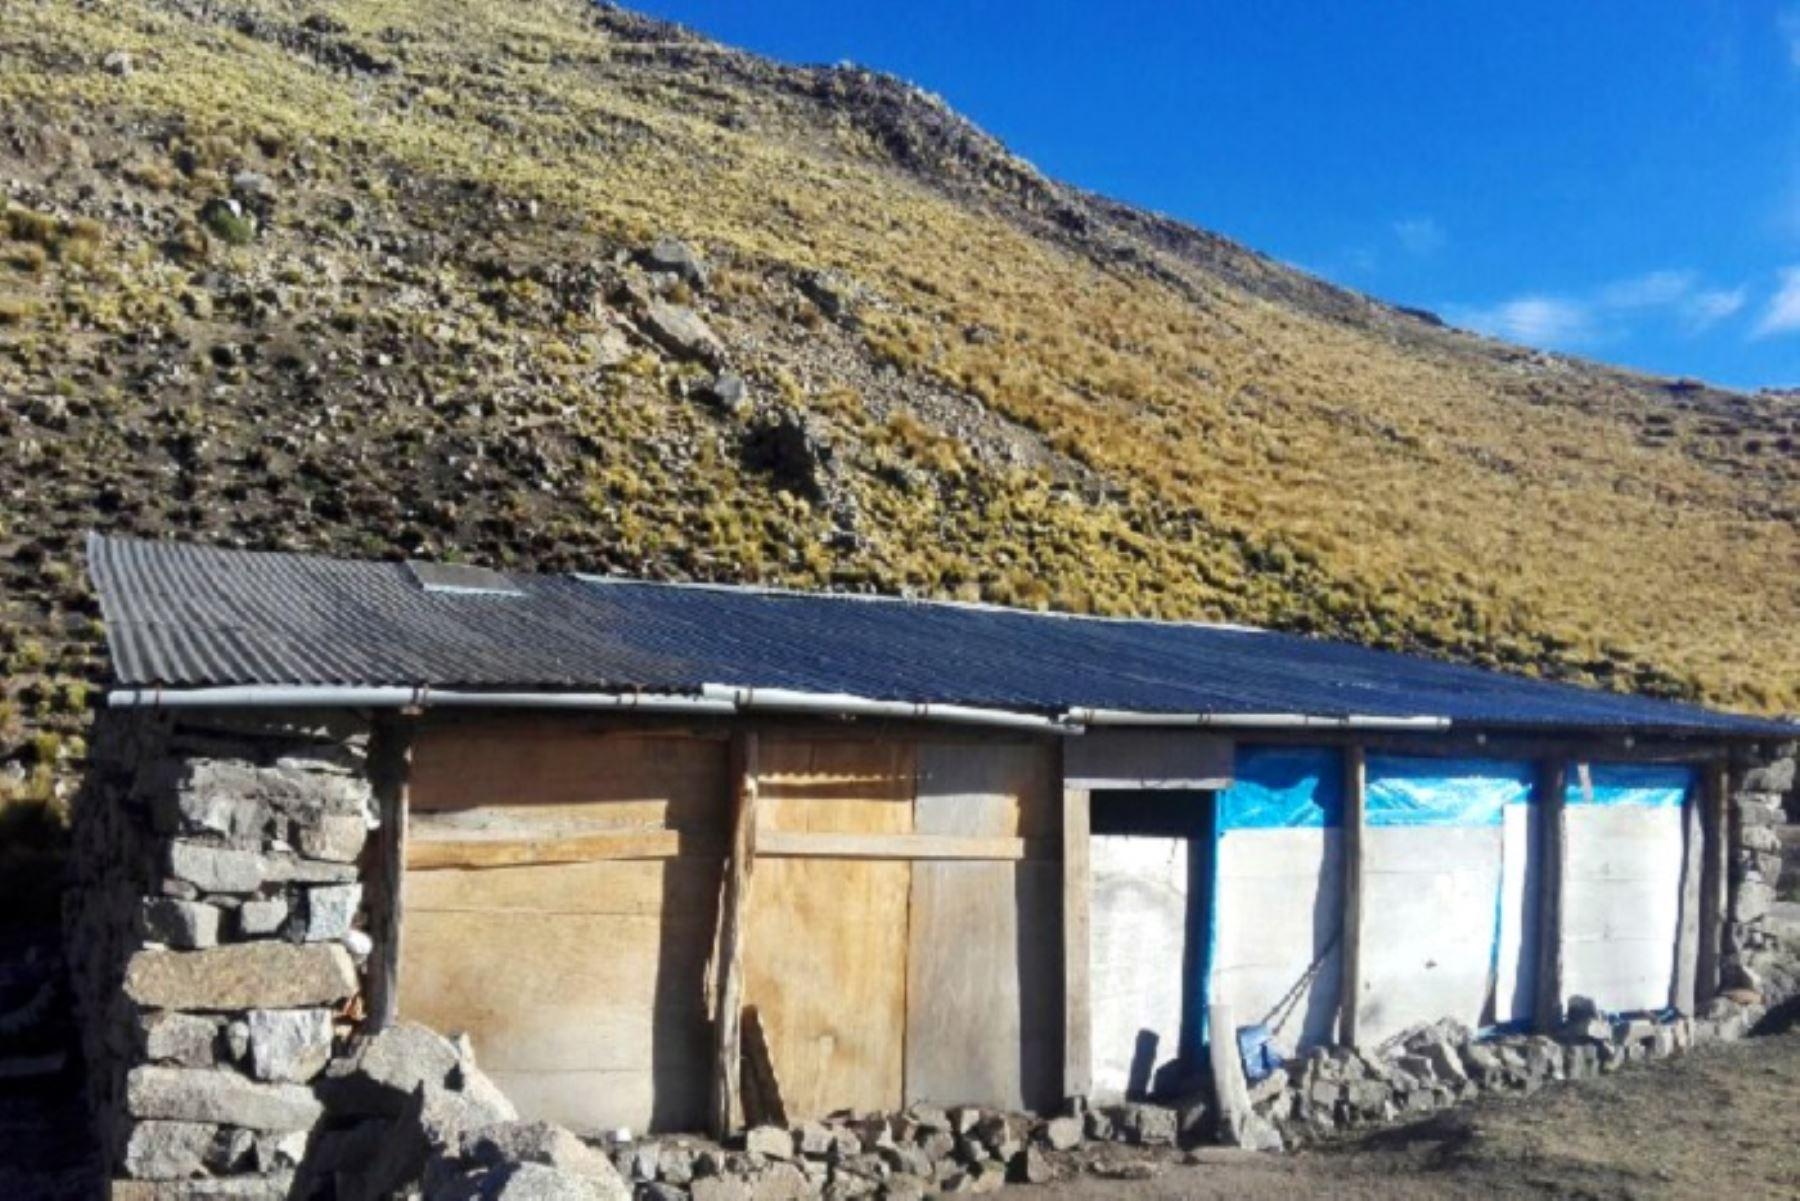 Esta vez, en Apurímac se entregaron a las familias ganaderas de la comunidad de Chuñohuacho y Moccollo, en la provincia de Antabamba, 10 kits de herramientas que, en simultáneo, fueron utilizados para refaccionar los cobertizos en mal estado de la zona.